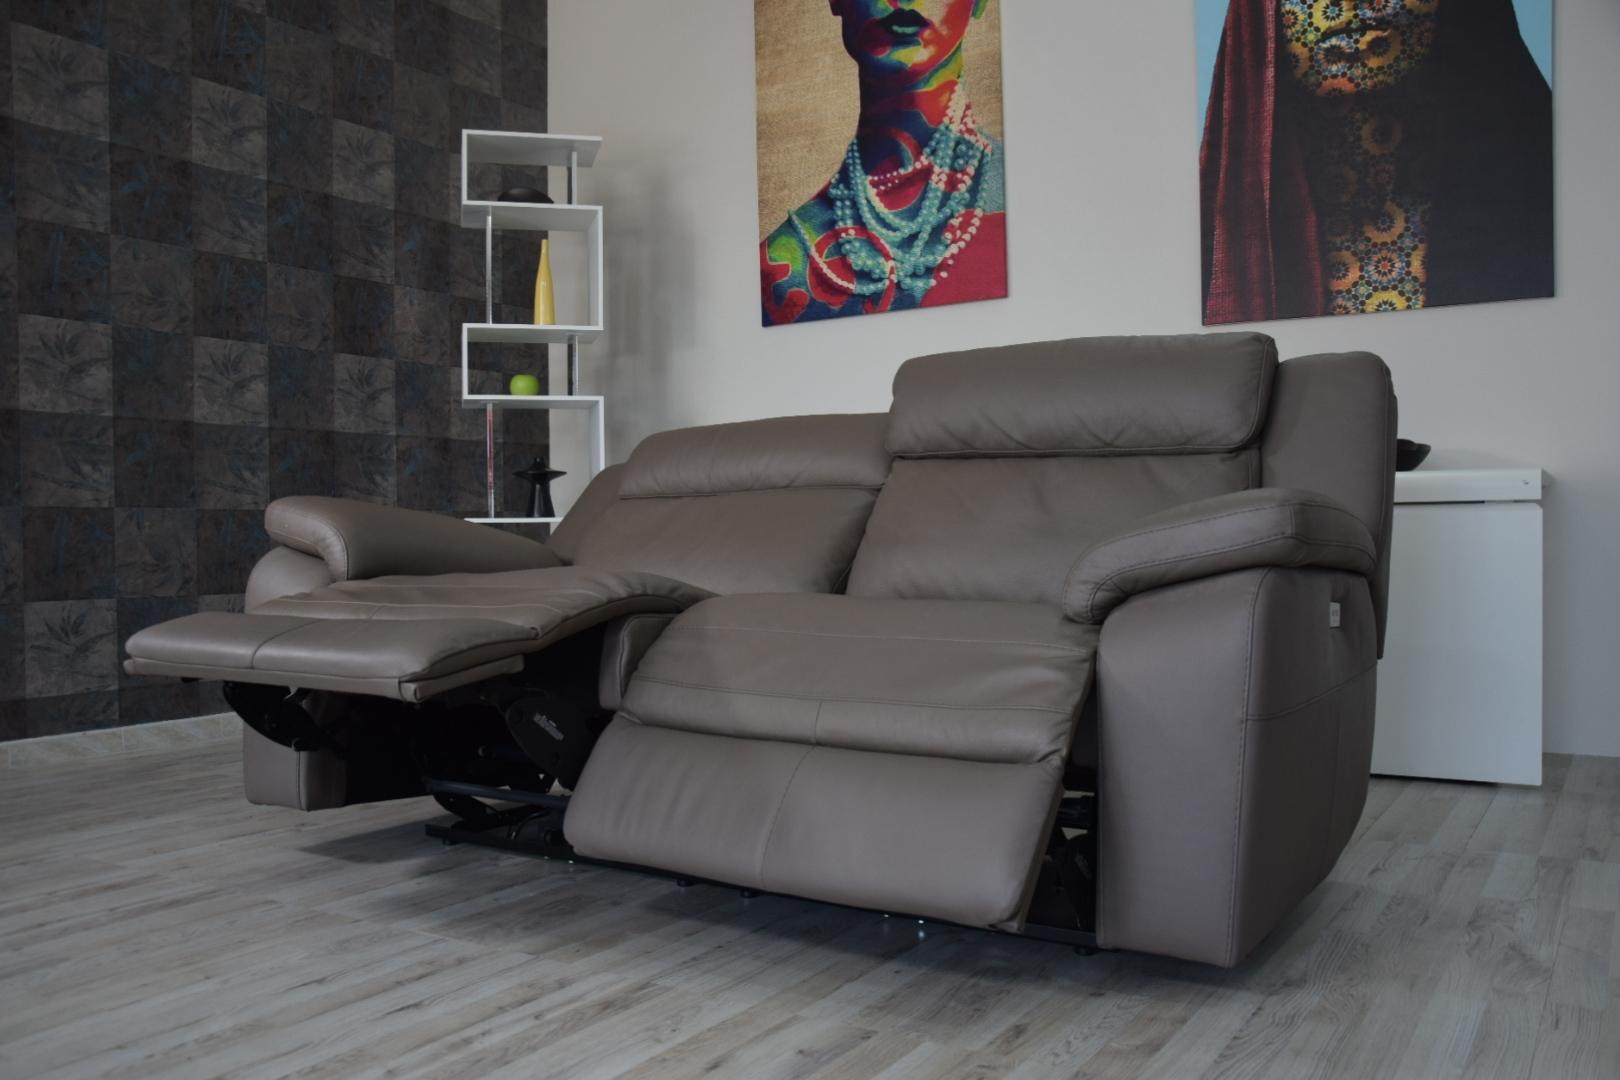 Divano In Pelle Con Relax.Divani Store Divano Relax In Pelle Color Testa Di Moro 3 Posti I